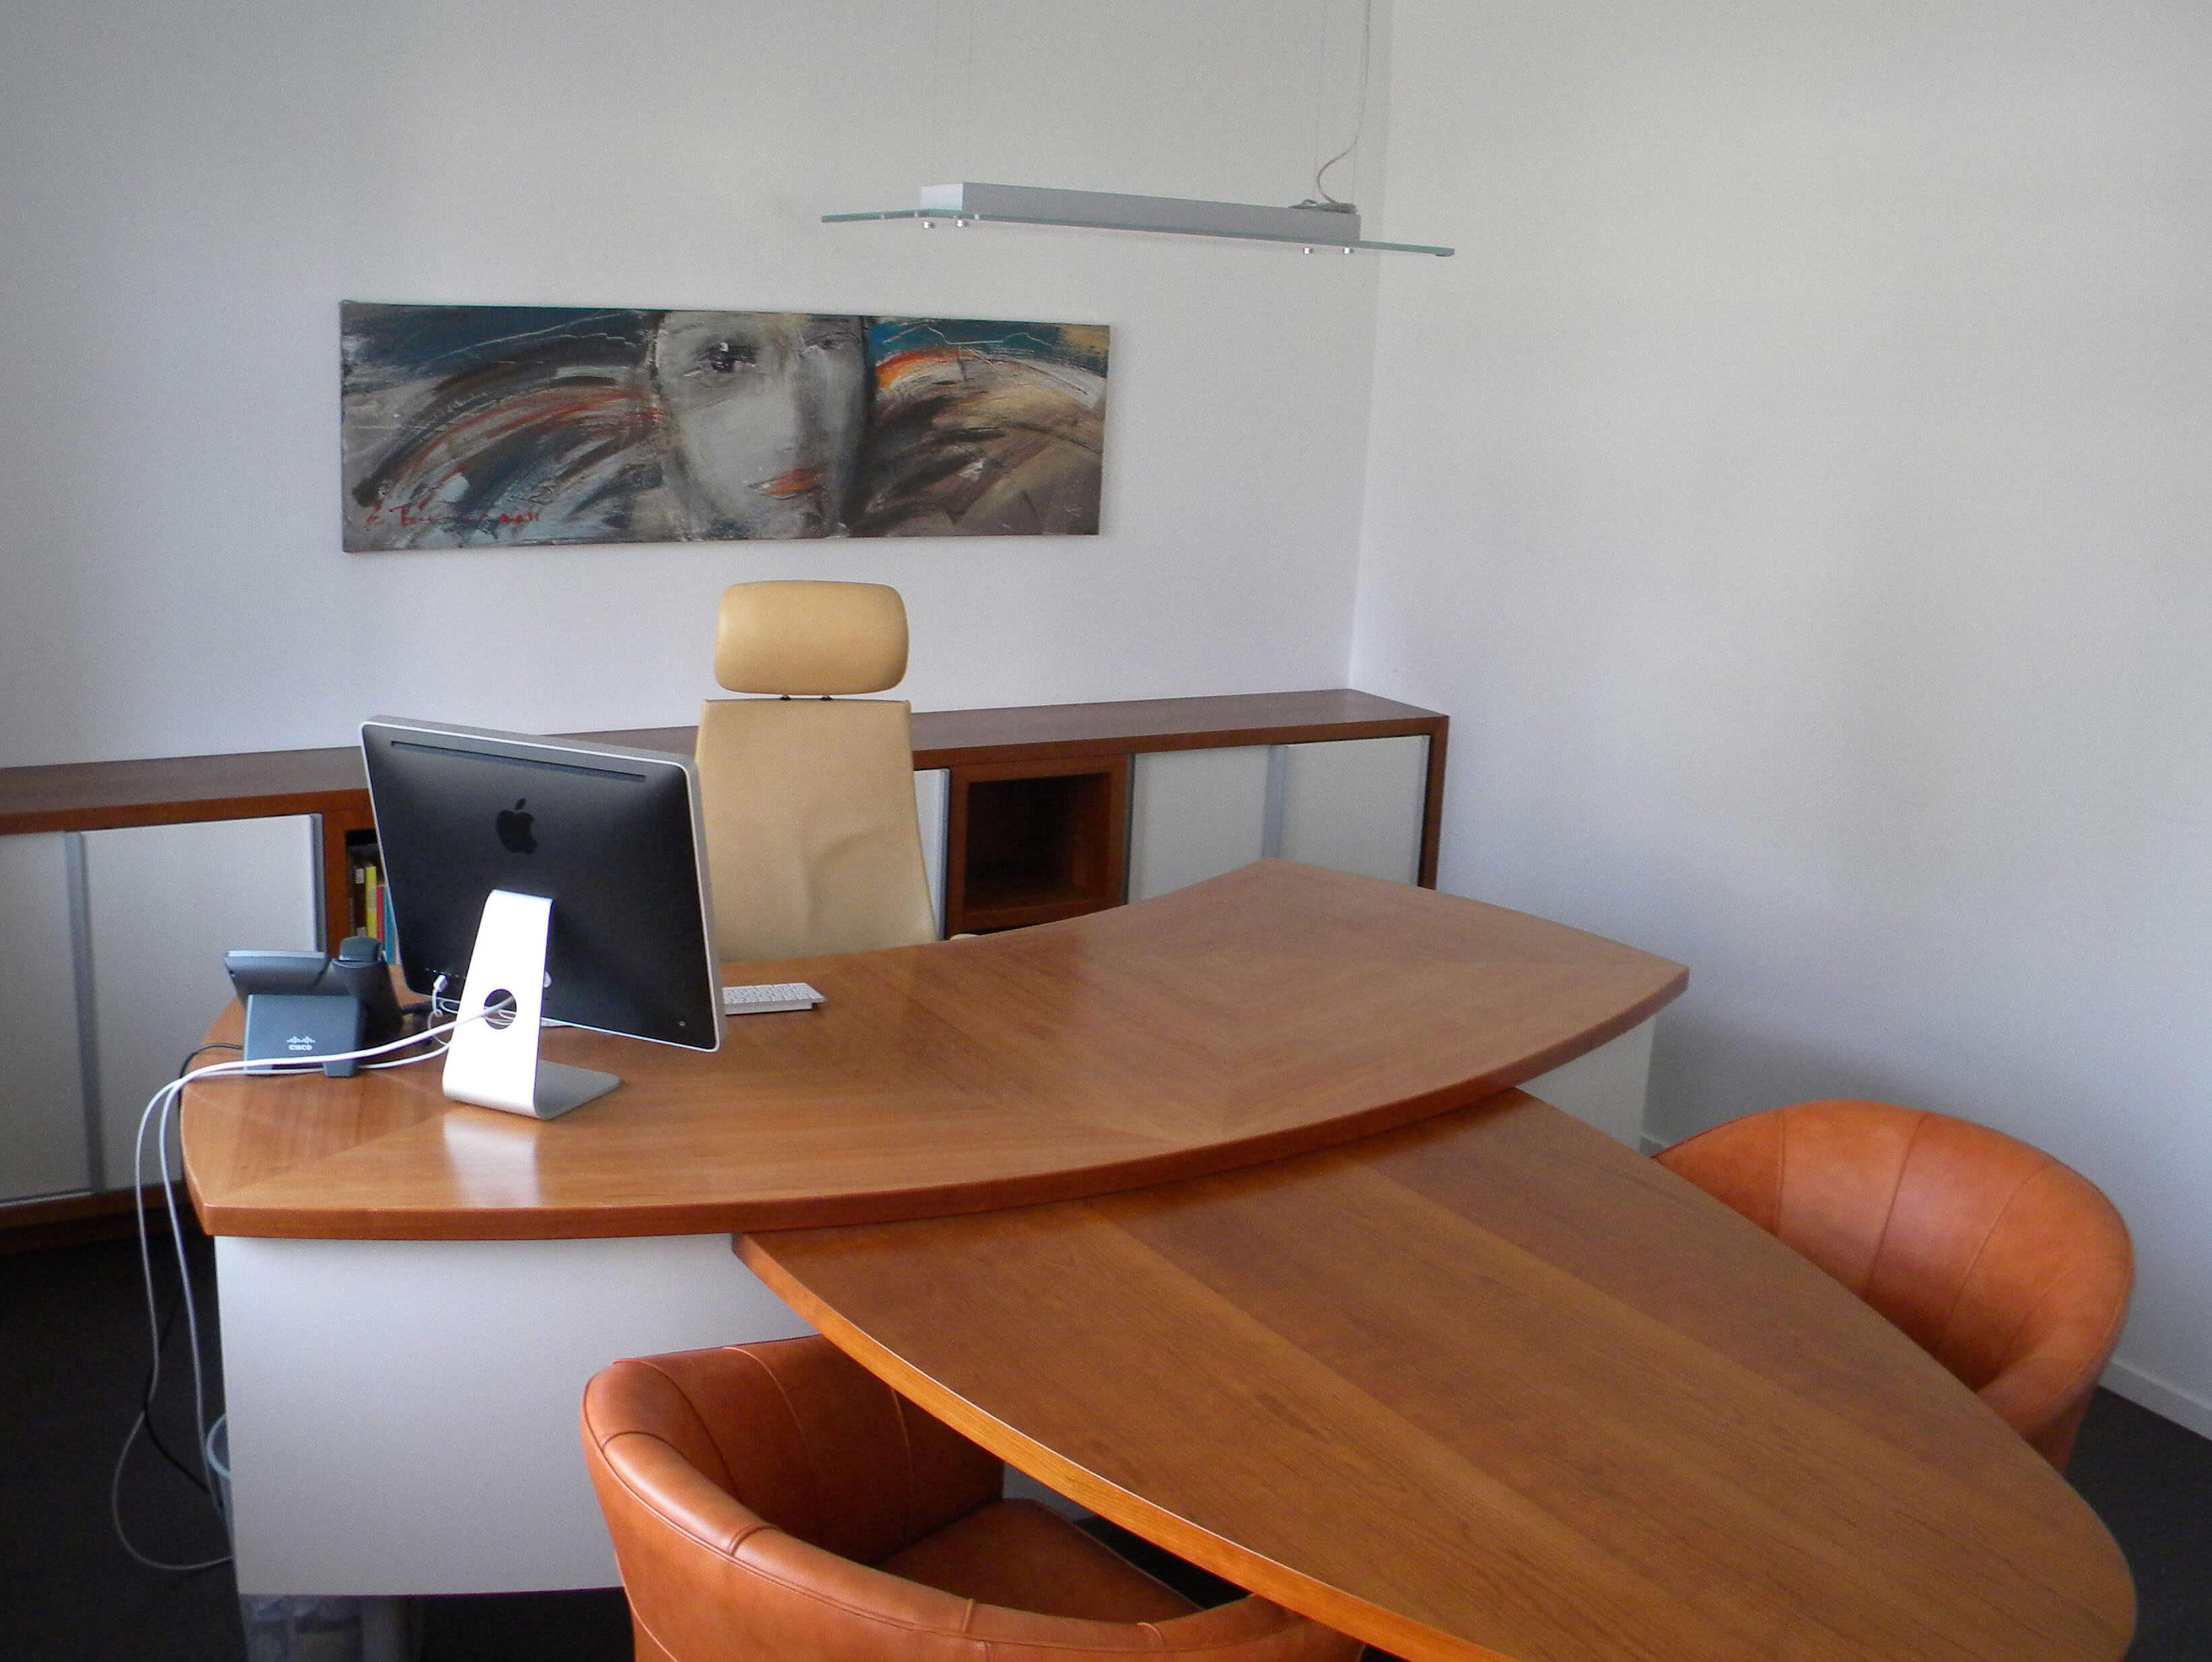 furnirano pohištvo pisarna po naročilu